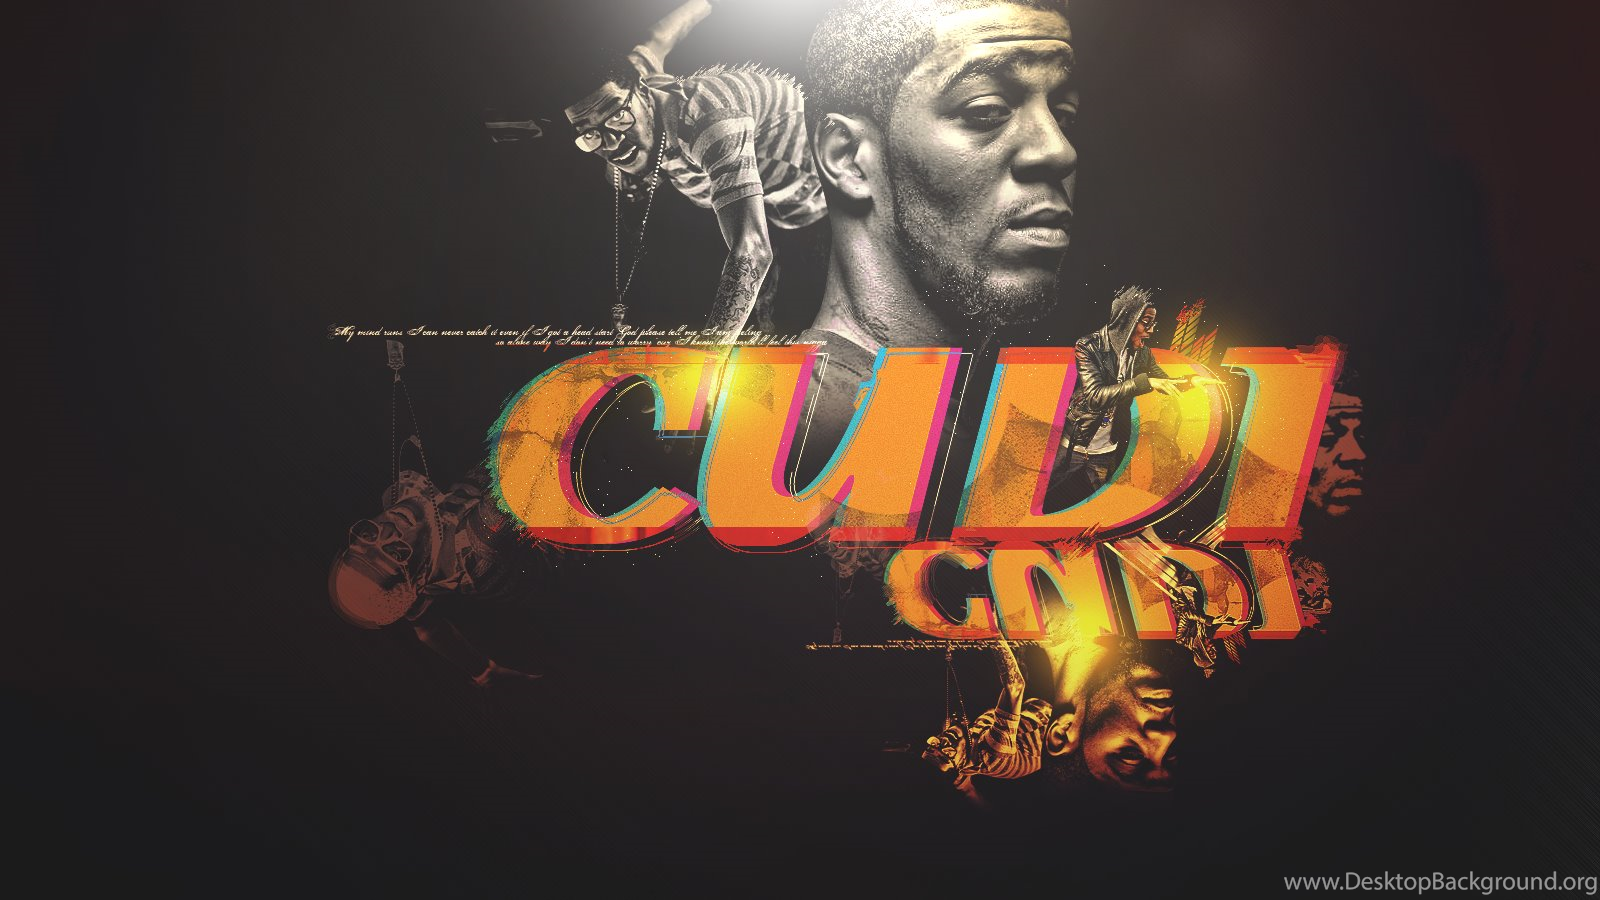 Kid Cudi Quotes Wallpapers Album On Quotesvil Com Desktop Background